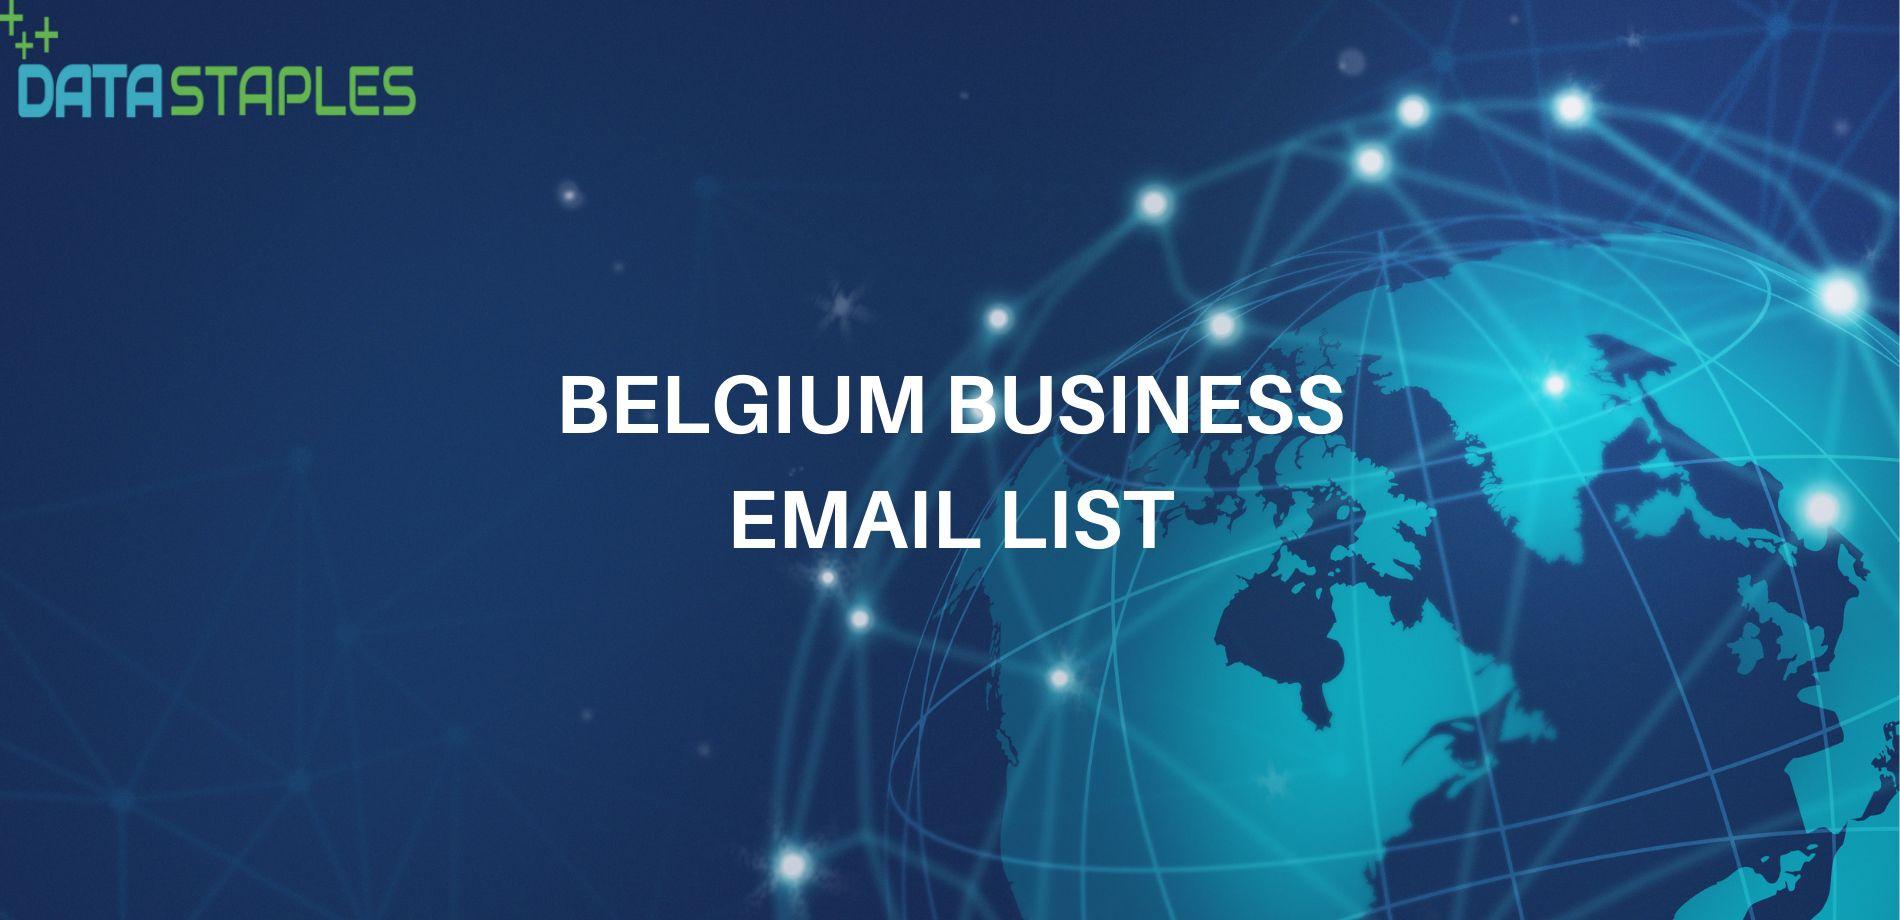 Belgium Business Email List | Datastaple